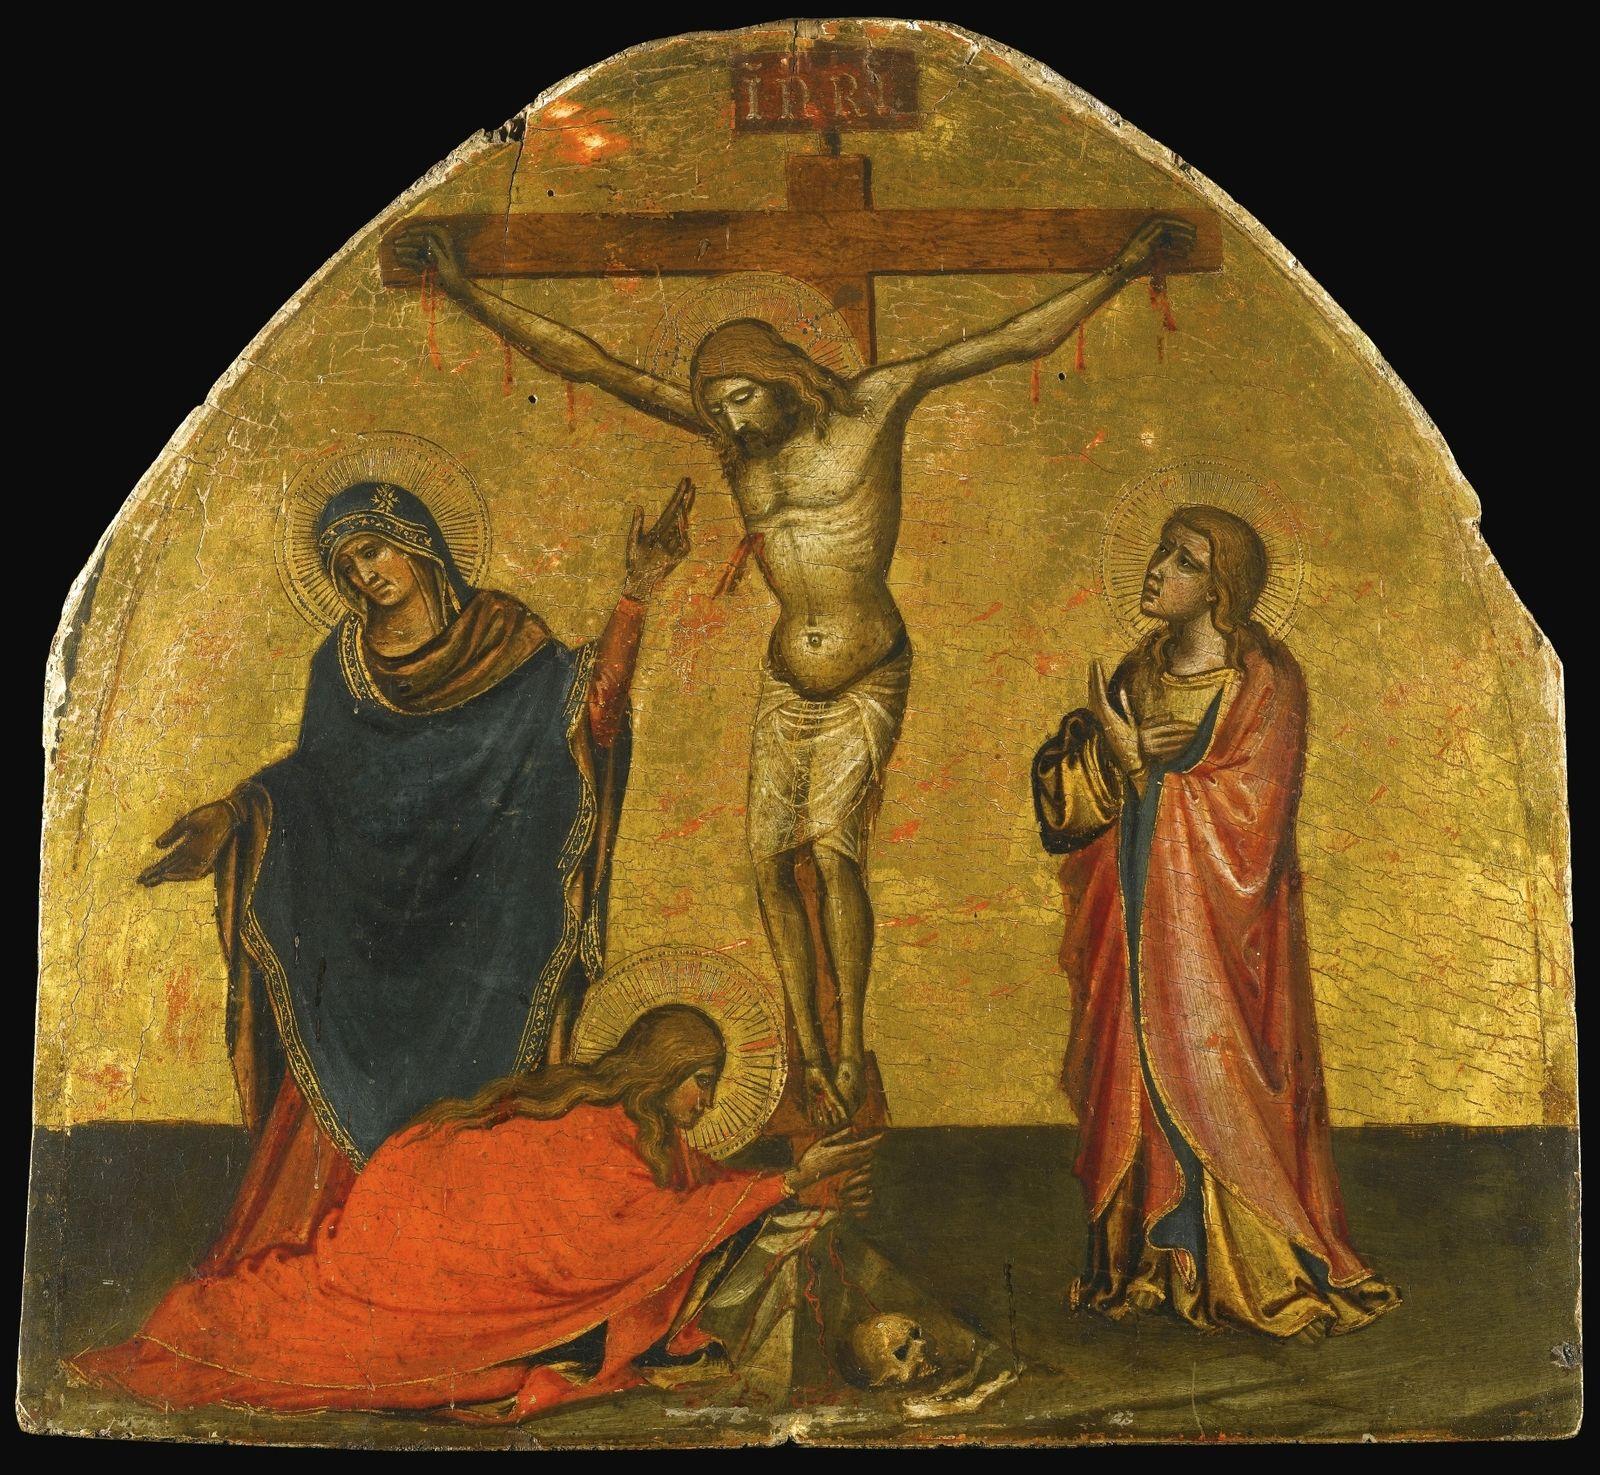 Мария Магдалина оплакивает смерть Спасителя Иисуса Христа